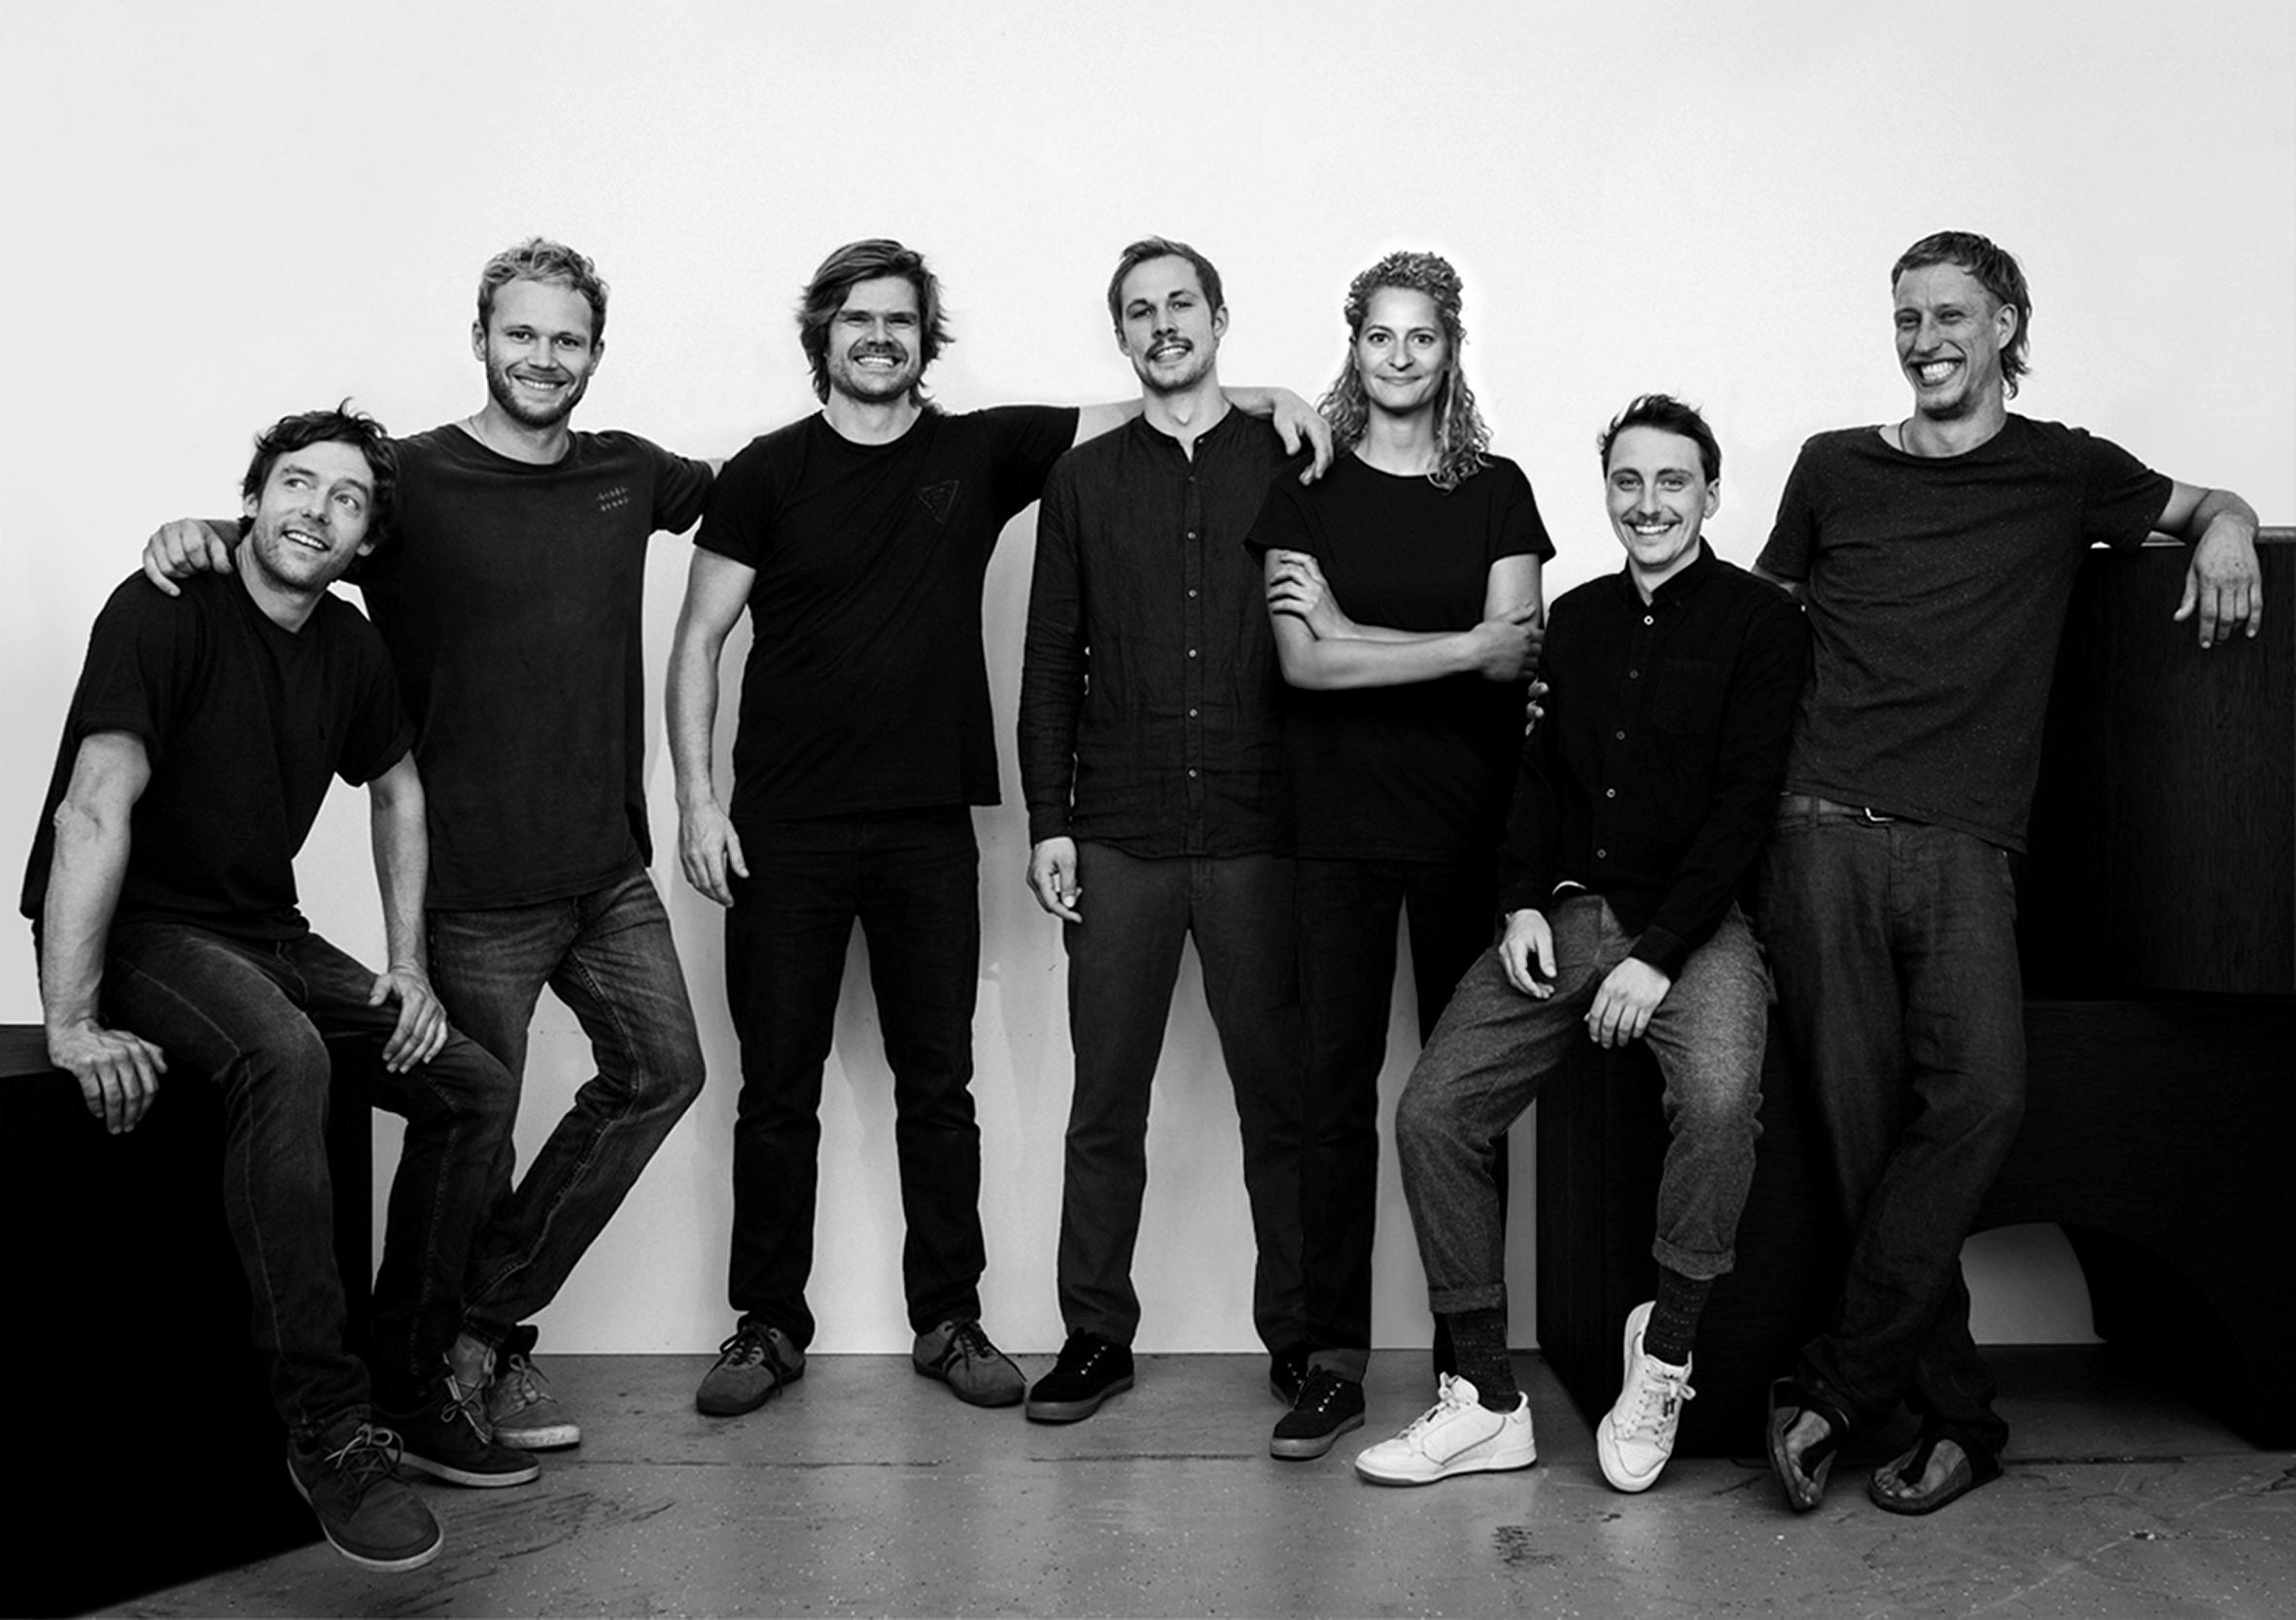 OFS portraits 2019 team ofs - Startups rund um den Bodensee